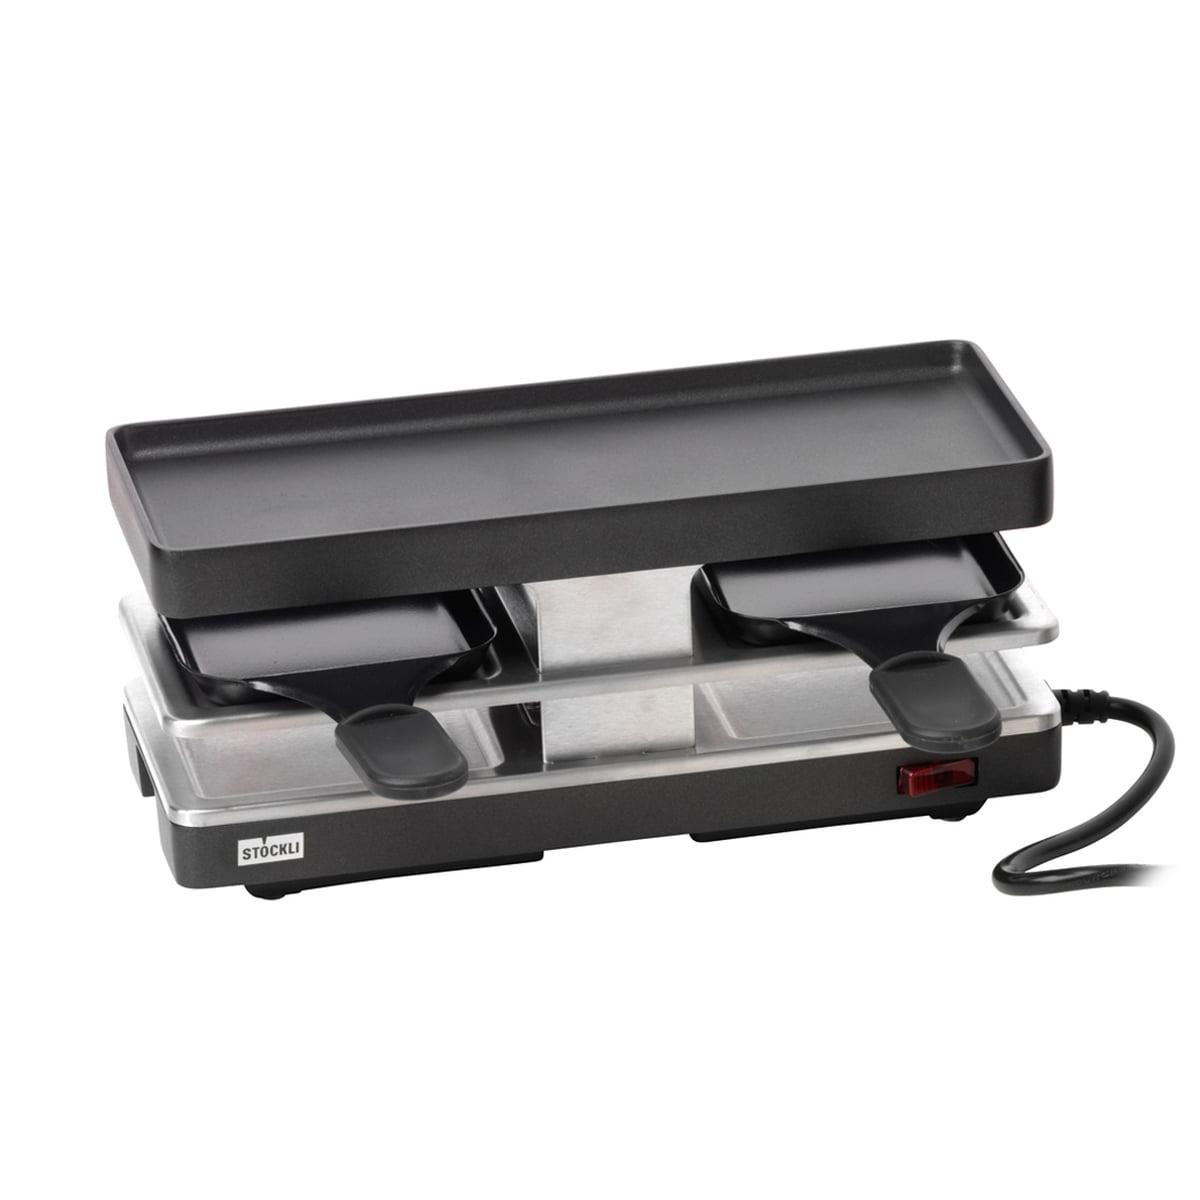 Stöckli - Raclette Twinboard Basisgerät, anthrazit | Küche und Esszimmer > Küchengeräte > Raclette | Anthrazitschwarz | Antihaftversiegelte grillplatte aus aluguss -  edelstahl | Stöckli